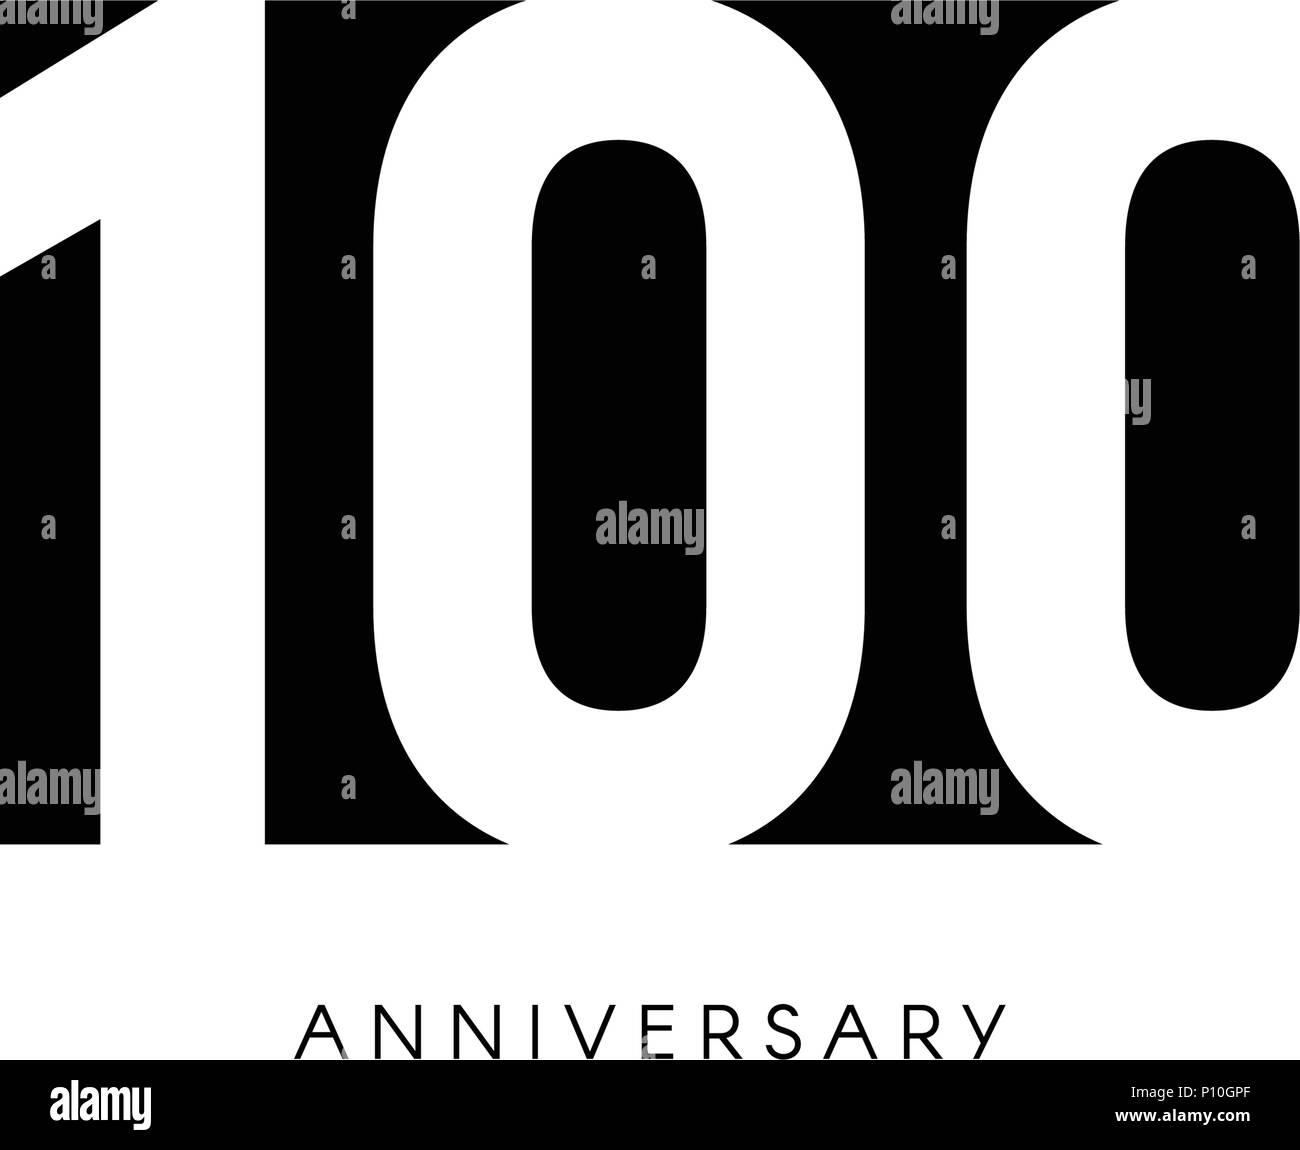 Une Centaine D Anniversaire Logo Minimaliste 100ans 100eme Jubile Carte De Vœux Invitation D Anniversaire 100 Ans Signe Illustration Vecteur De L Espace Negatif Noir Sur Fond Blanc Image Vectorielle Stock Alamy